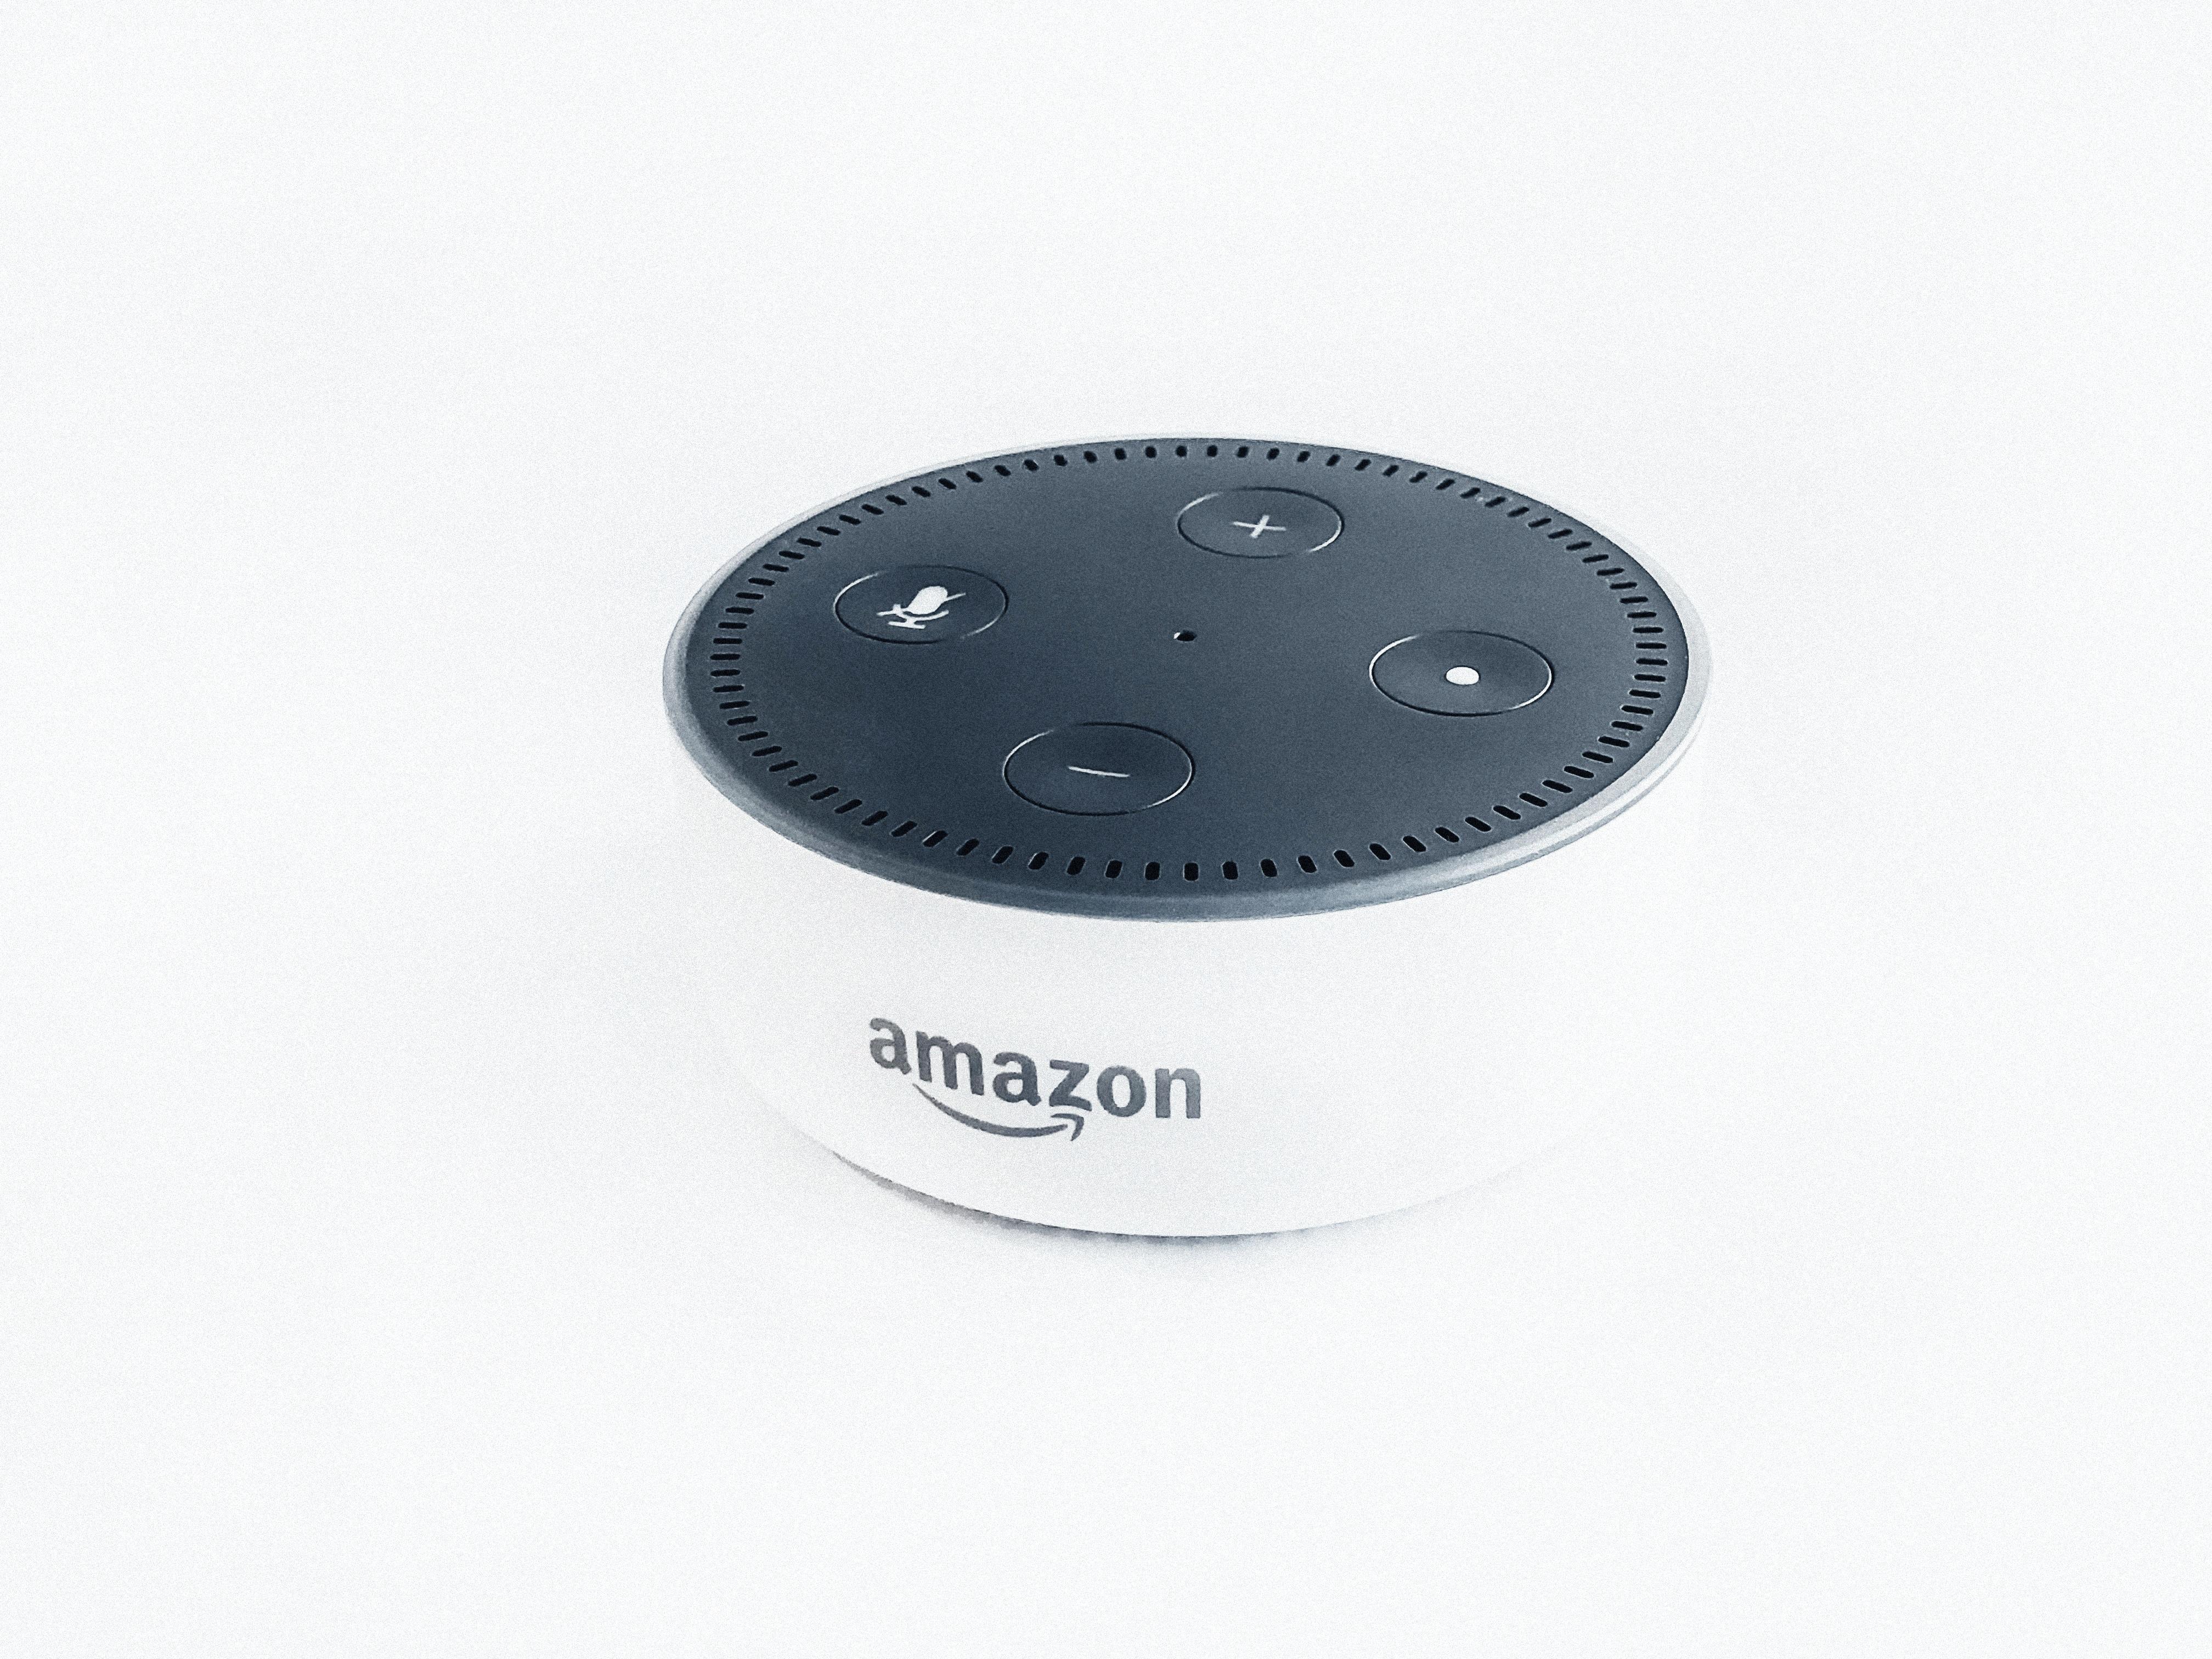 Amazon_Alexa_Echo